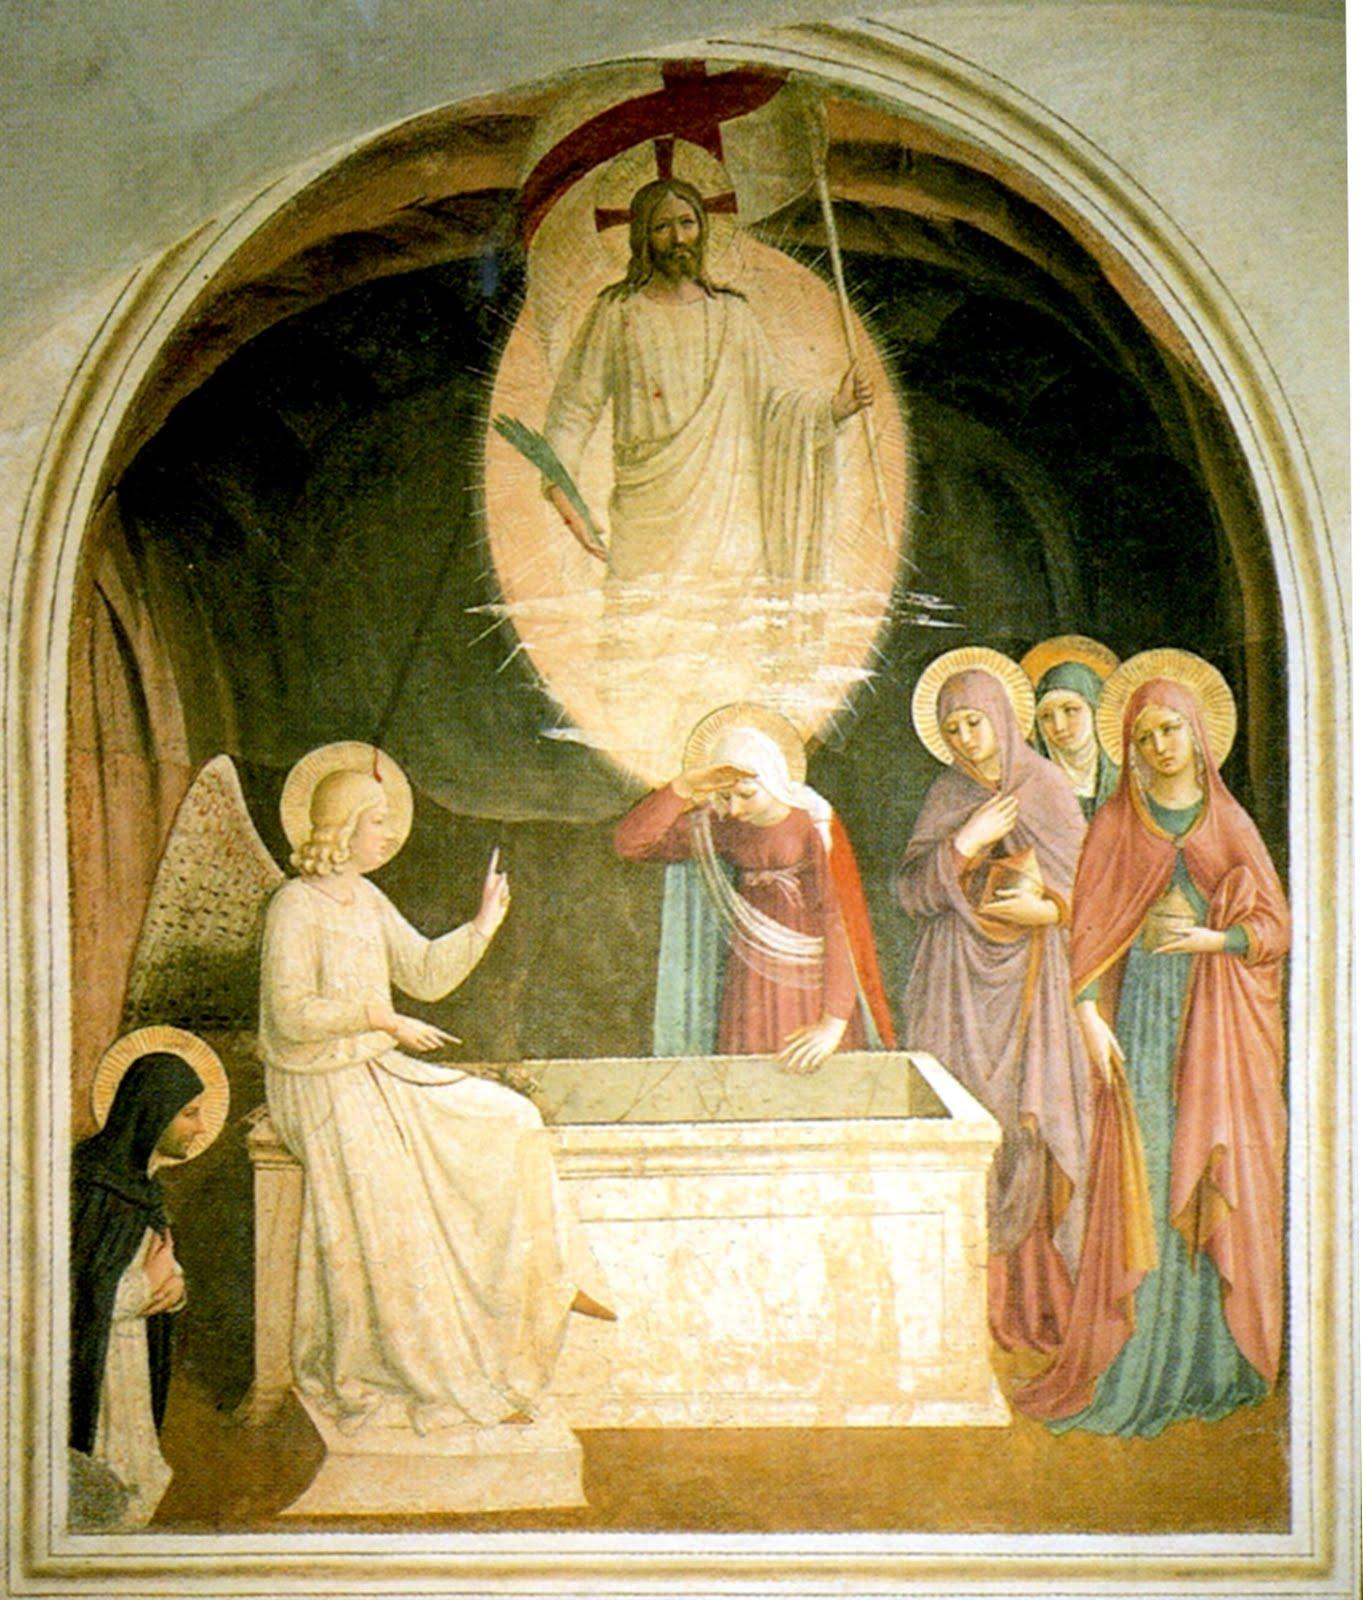 Resultado de imagen para icono cristo muerto y resucitado